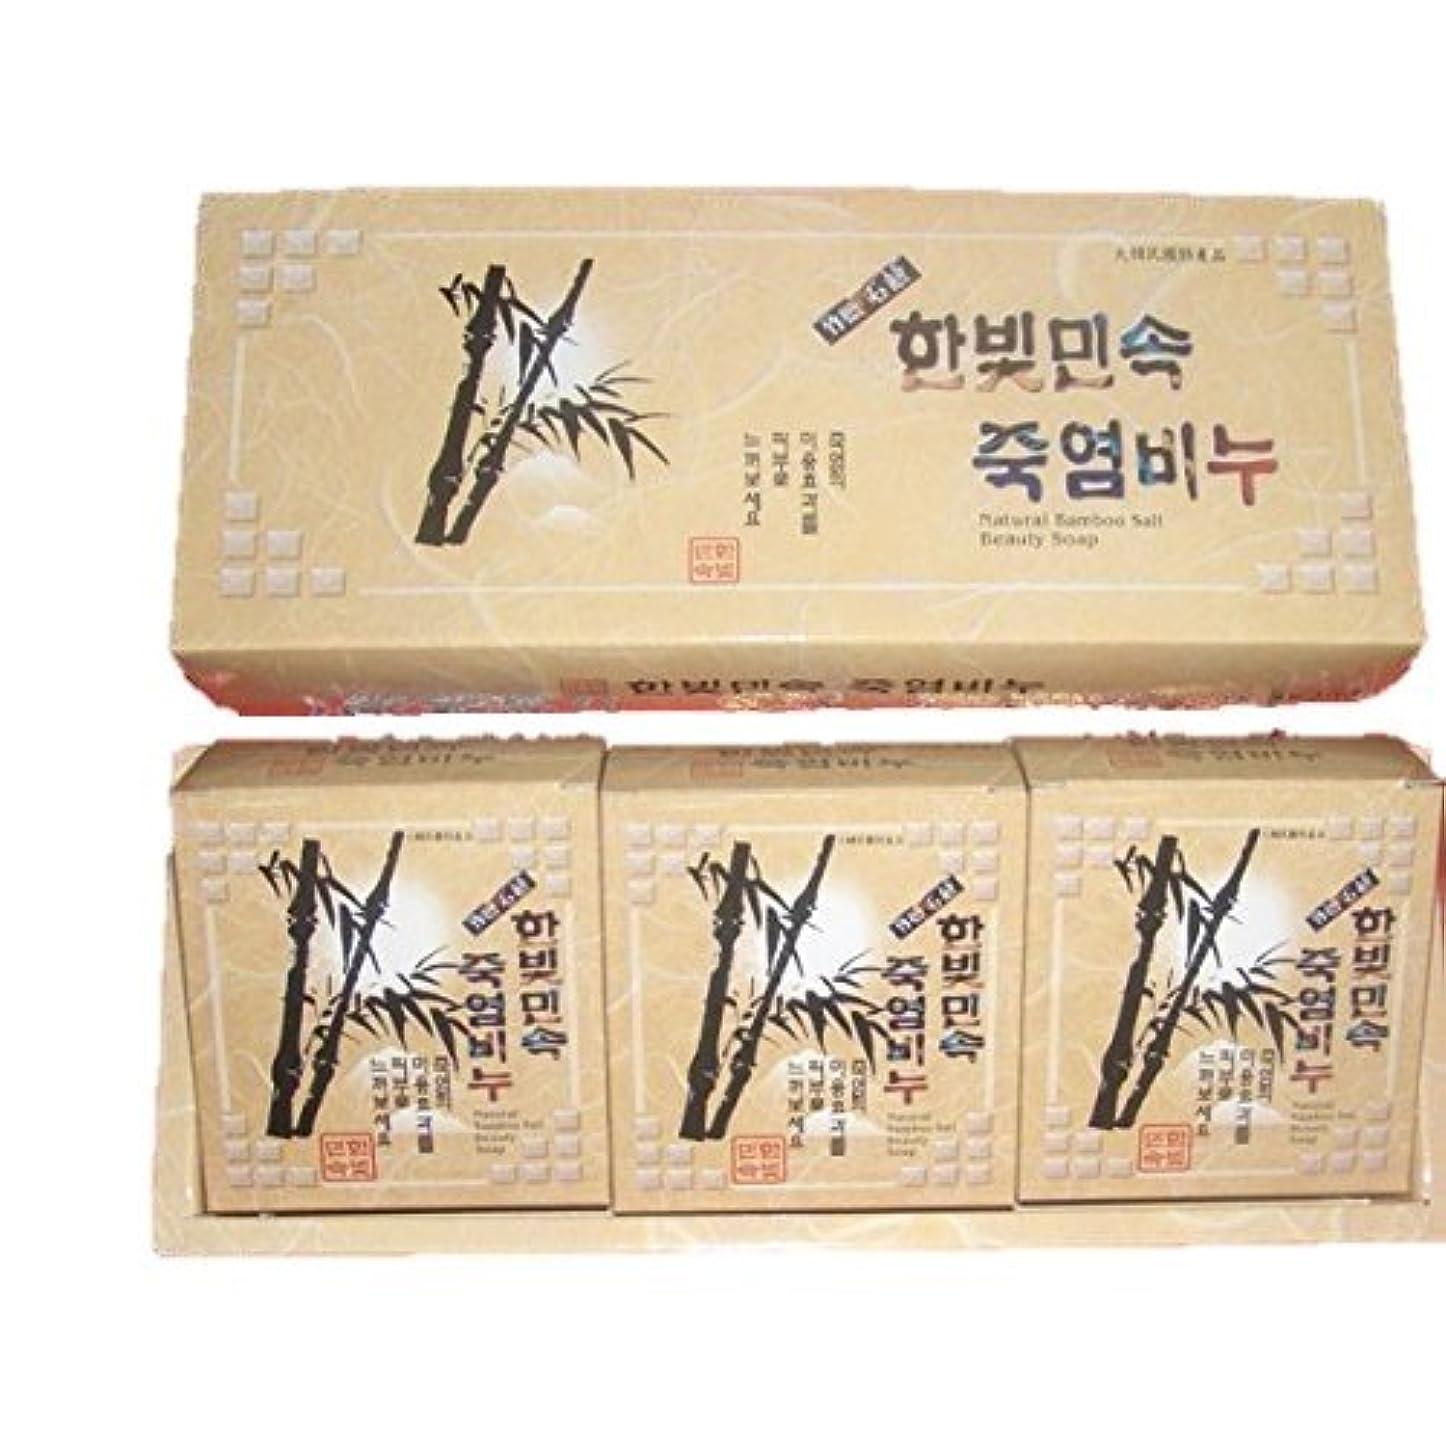 パトワ吸収姿勢(韓国ブランド) 竹塩石鹸 (3個×3セット)